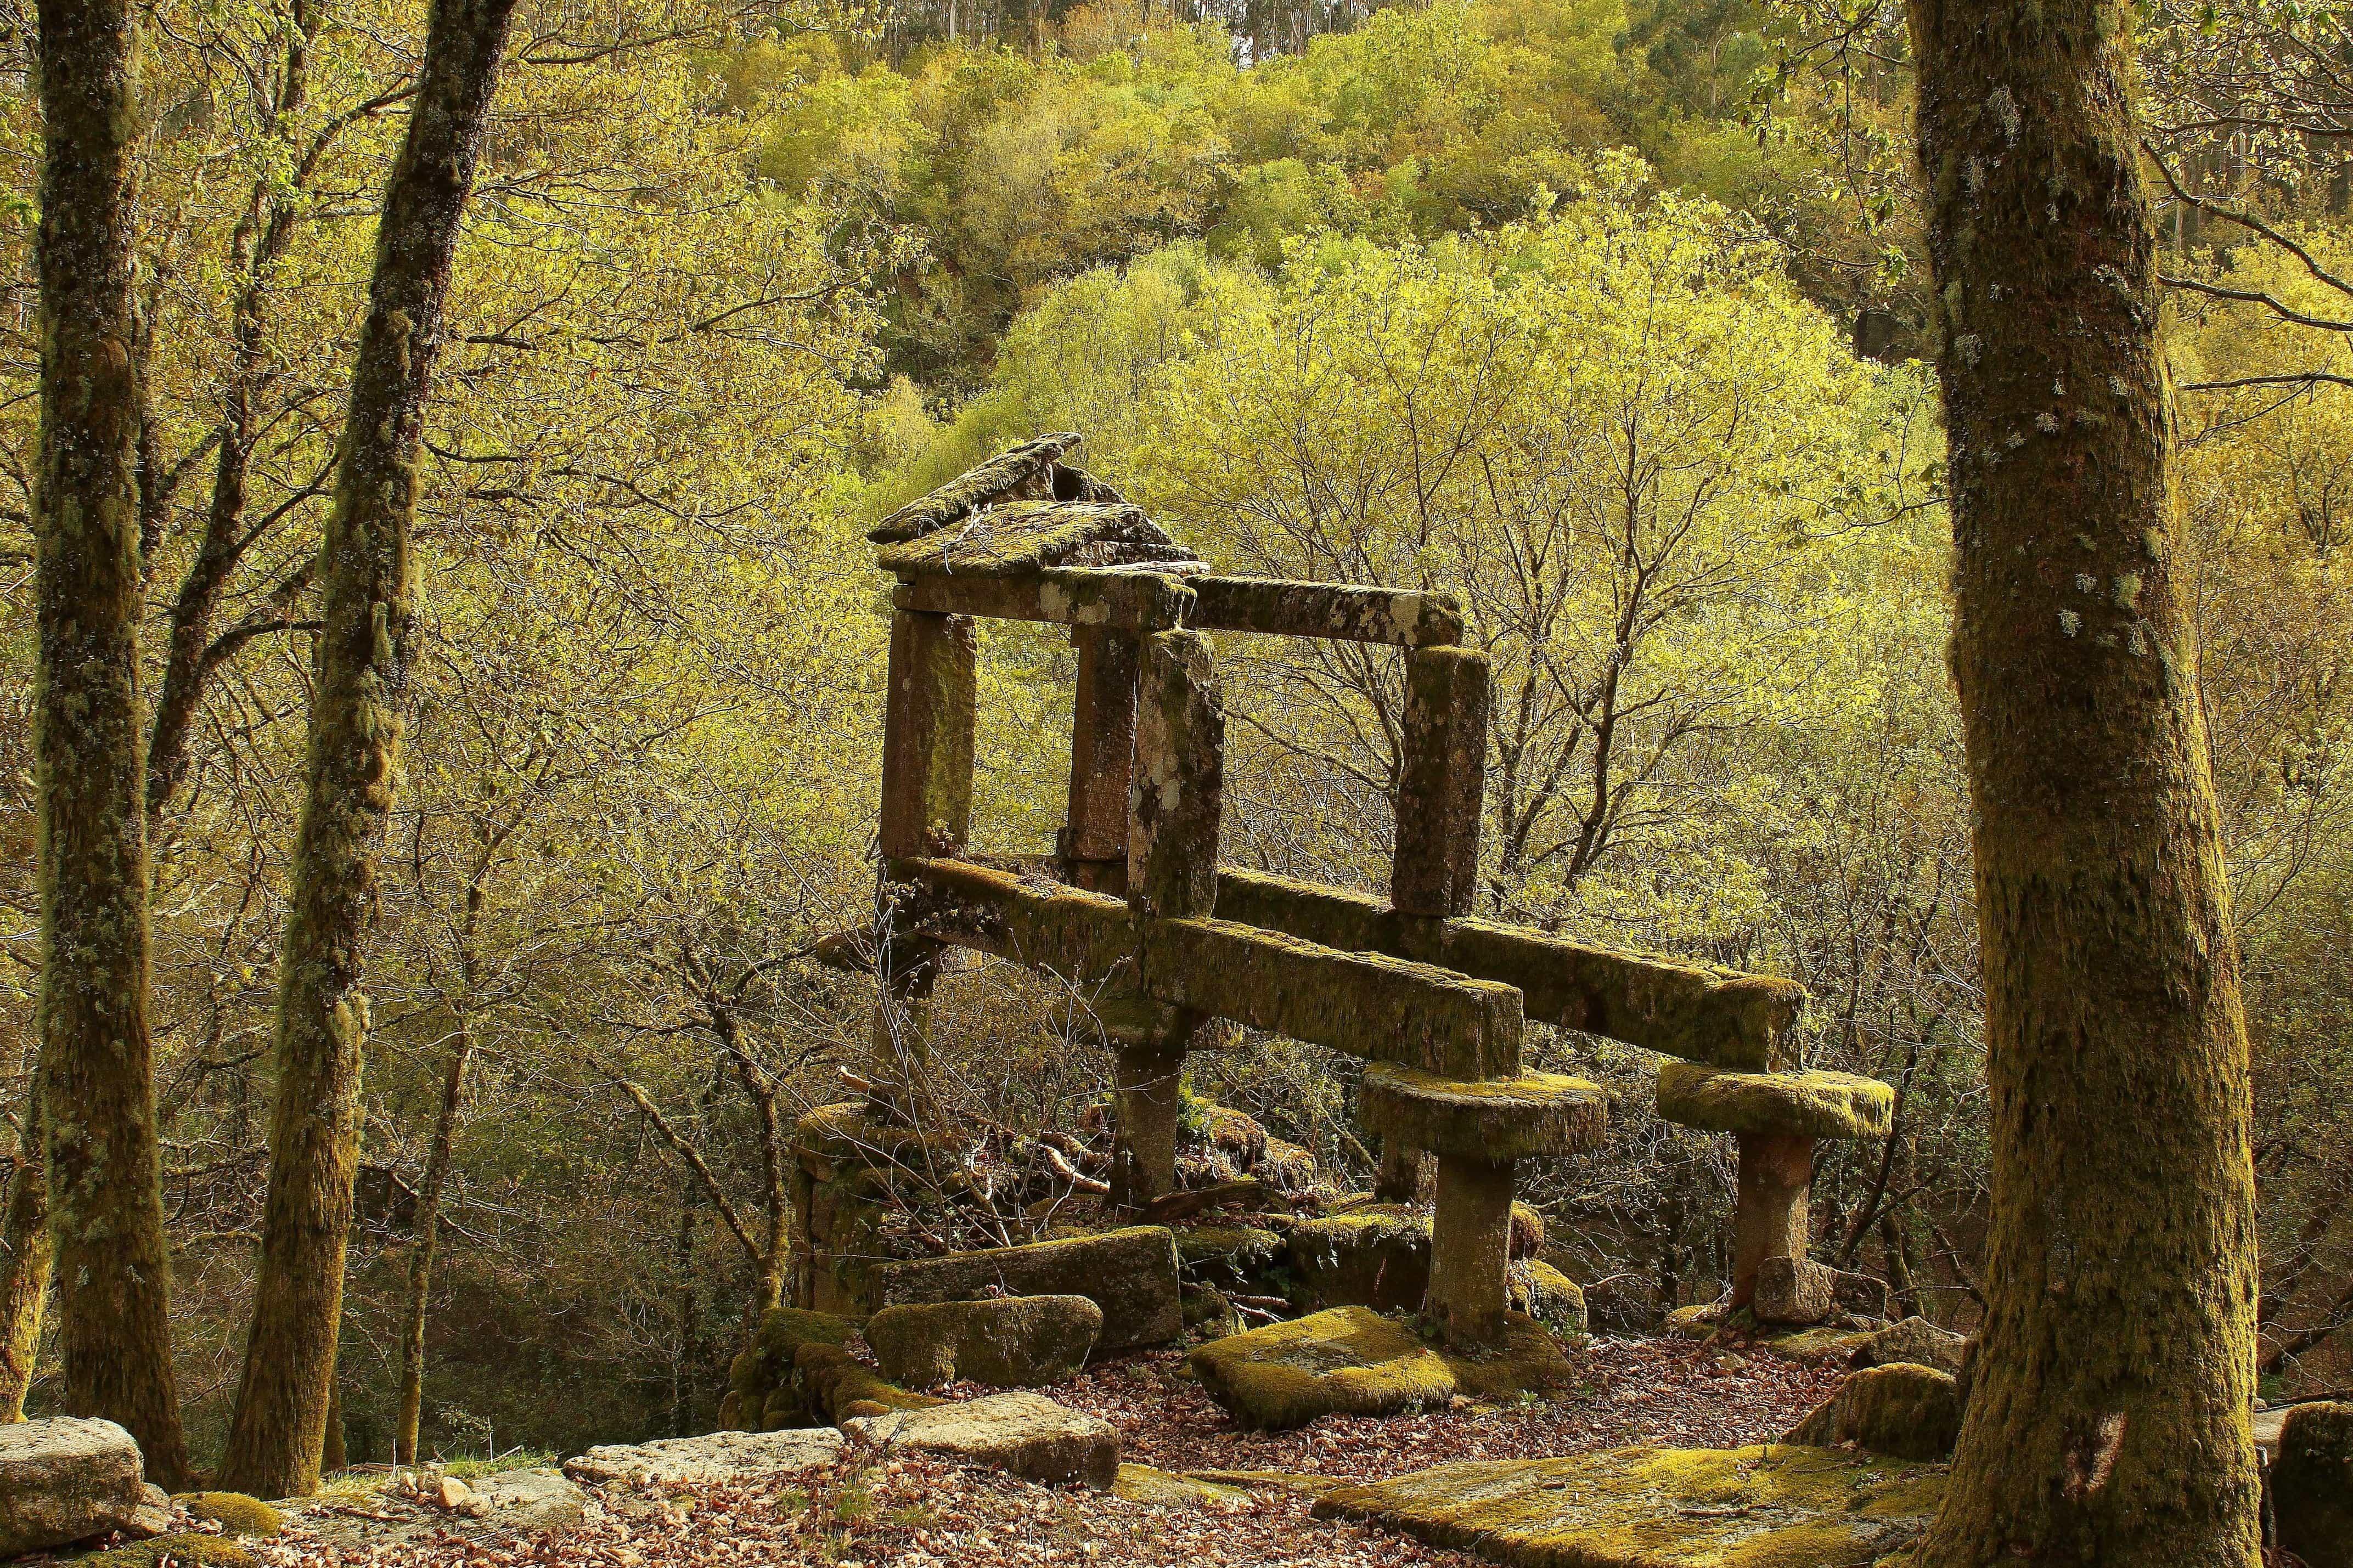 4800 Koleksi Gambar Pemandangan Hutan Dan Hewan Gratis